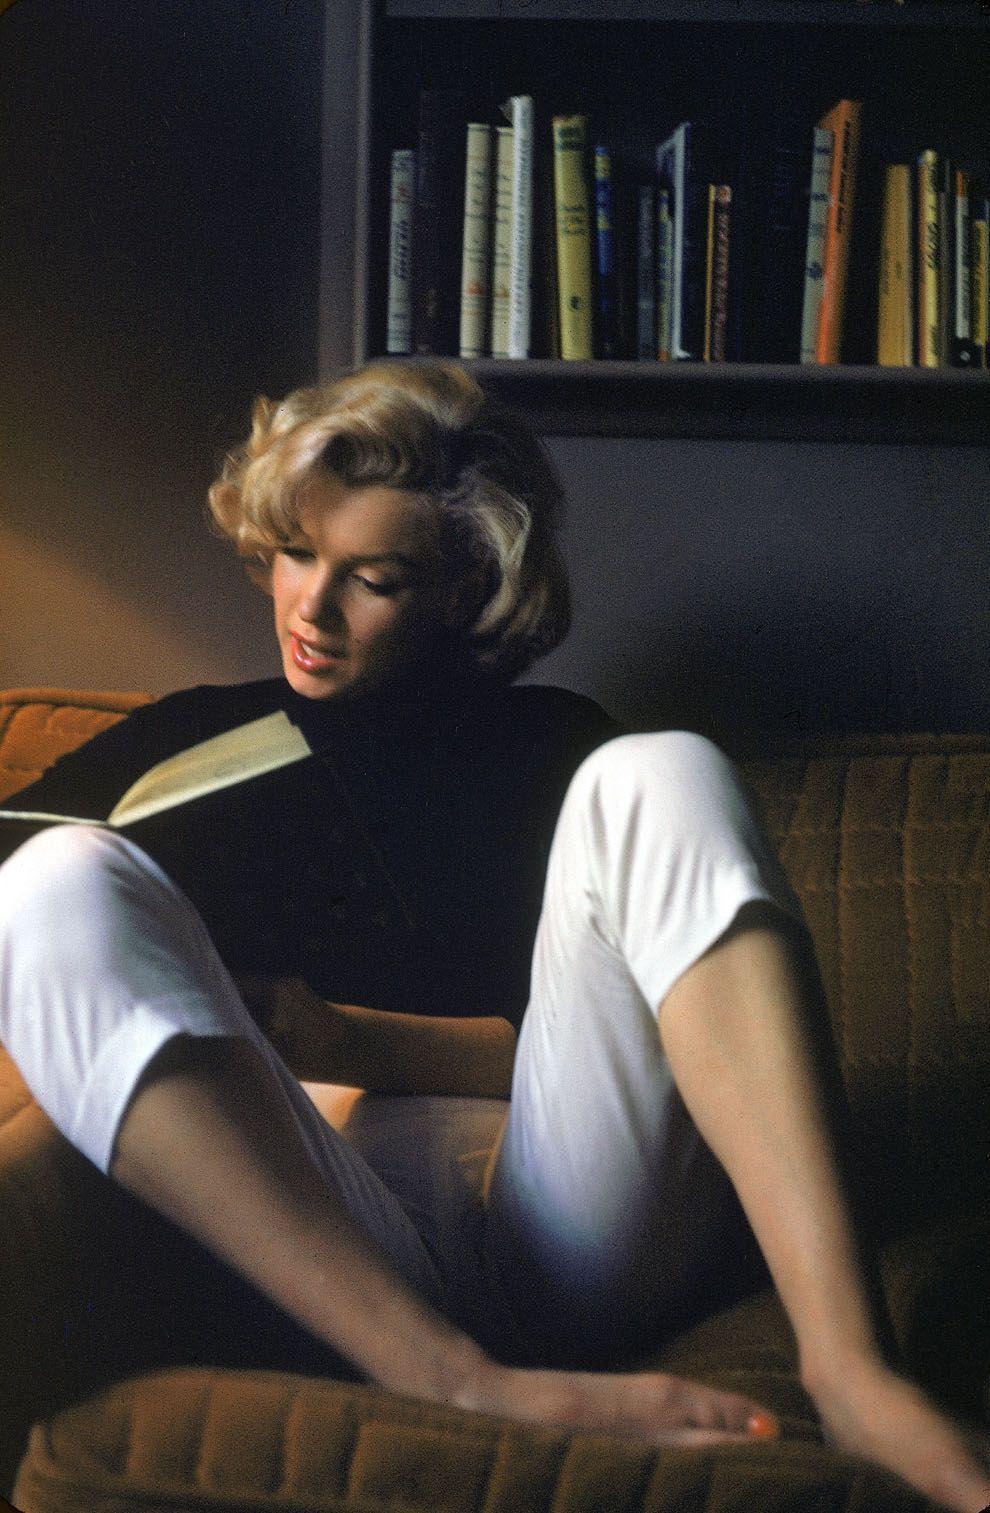 19 fotografías que harán que pienses diferente sobre Marilyn Monroe - 19 fotograf Sie sind an der richtigen Stelle für  diy face mask sewing pattern  Hier bieten wir Ihn - #Arte #diferente #Fotografía #fotografias #harán #Ideasparabodas #Marilyn #Memes #Monroe #Naturaleza #pienses #sobre #Tarjetaseinvitaciones #Viajes